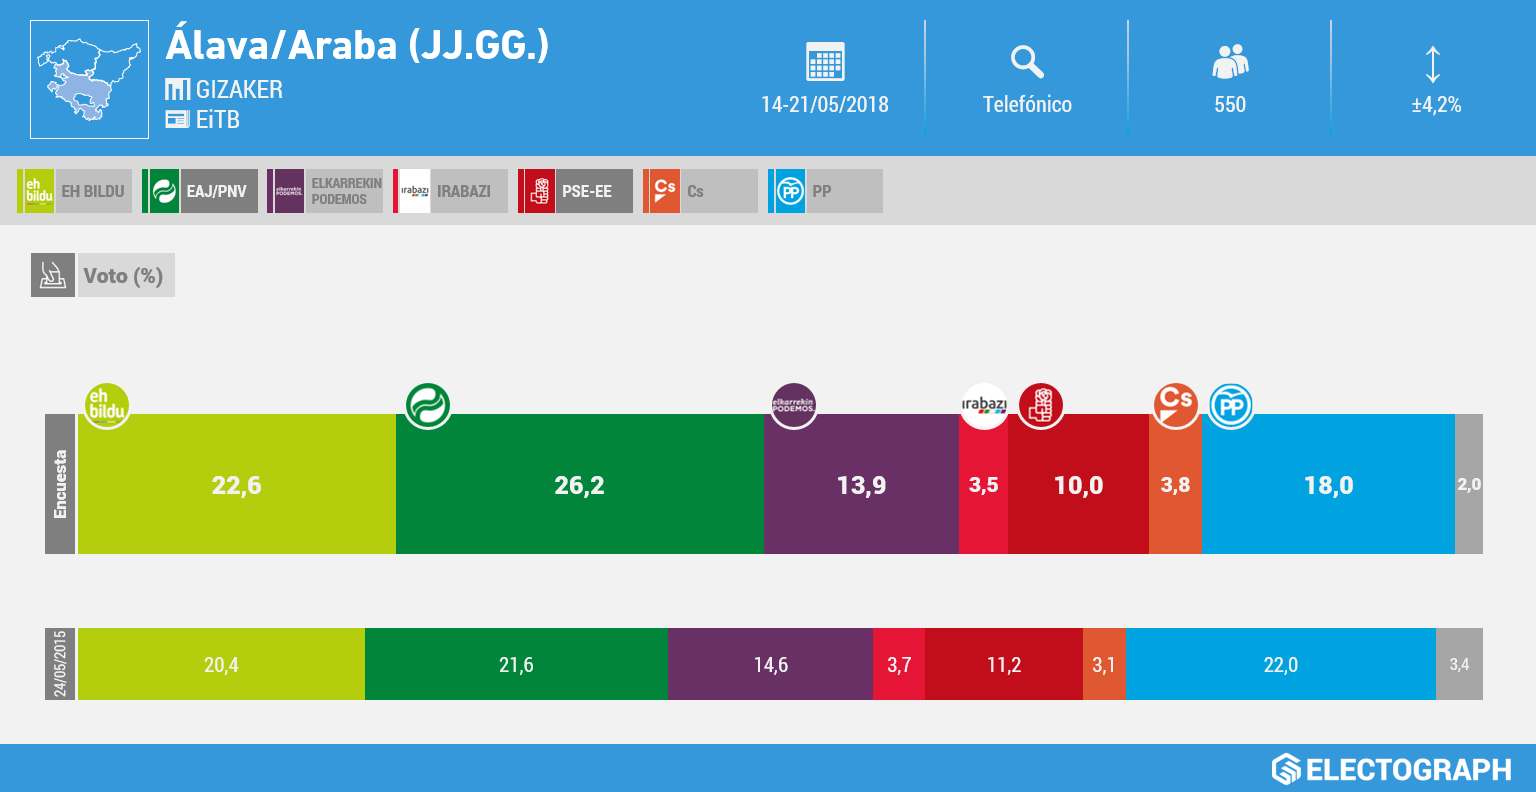 Gráfico de la encuesta para elecciones a las Juntas Generales de Álava realizada por Gizaker para EiTB en mayo de 2018